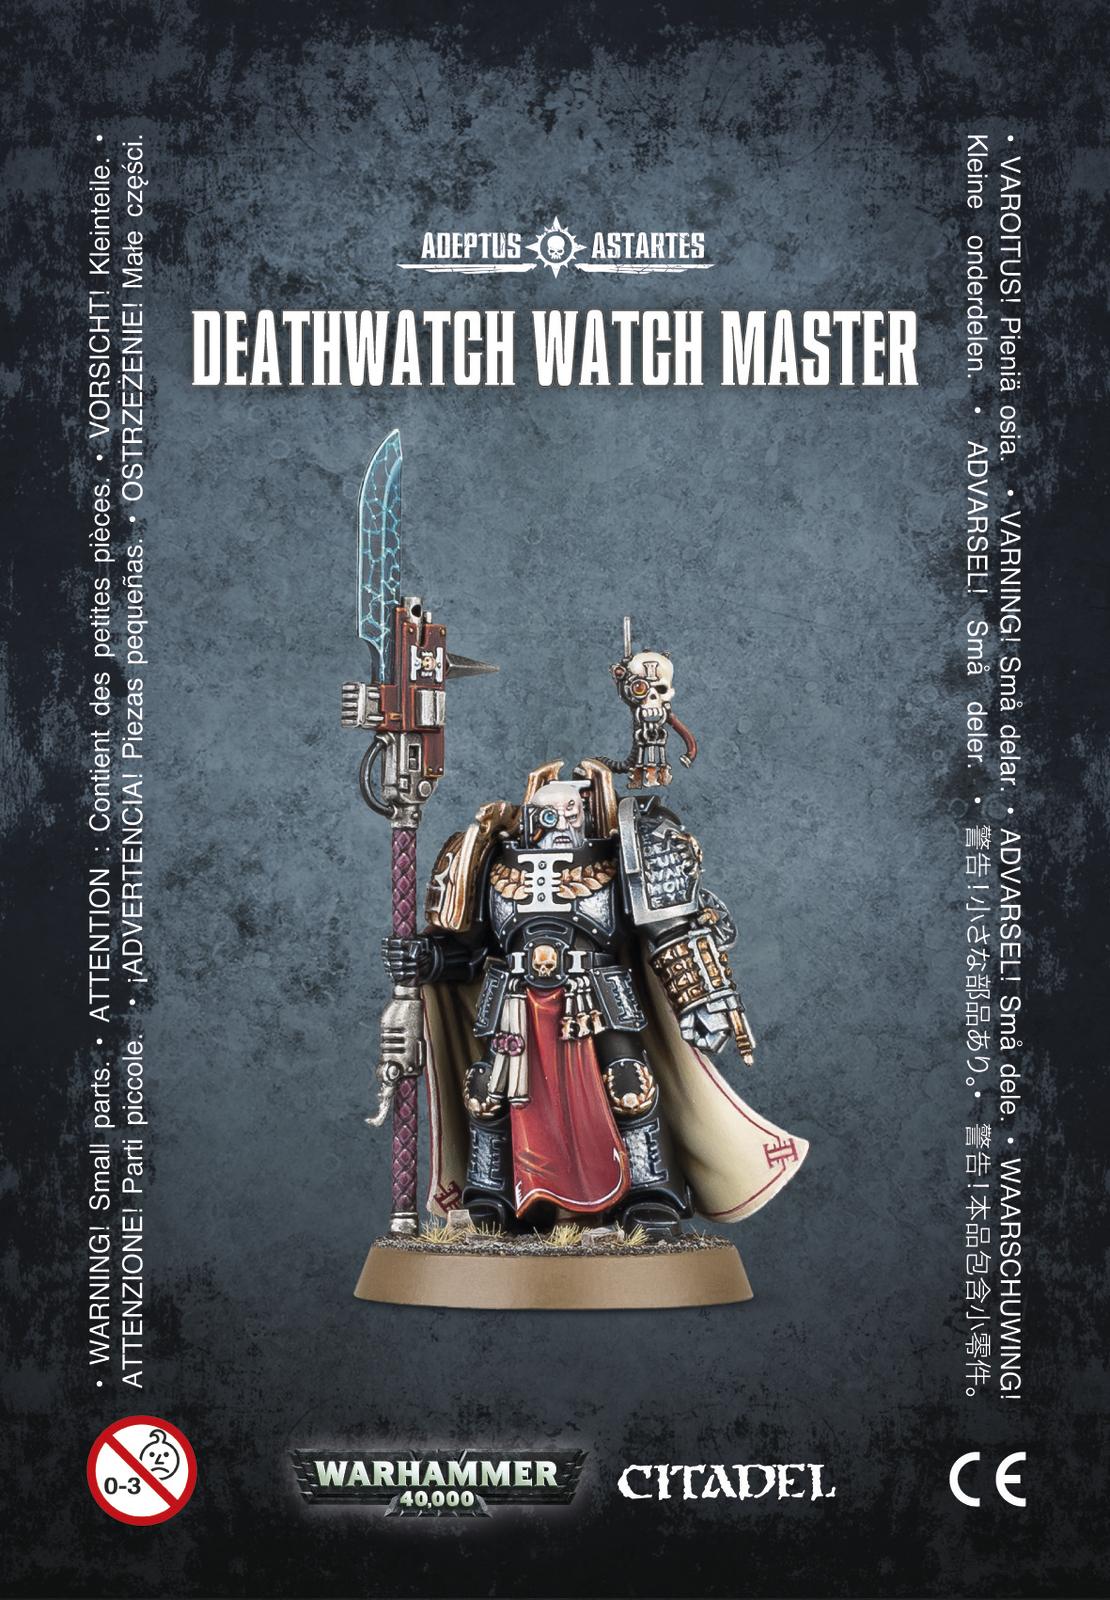 Warhammer 40,000 Deathwatch Watch Master image